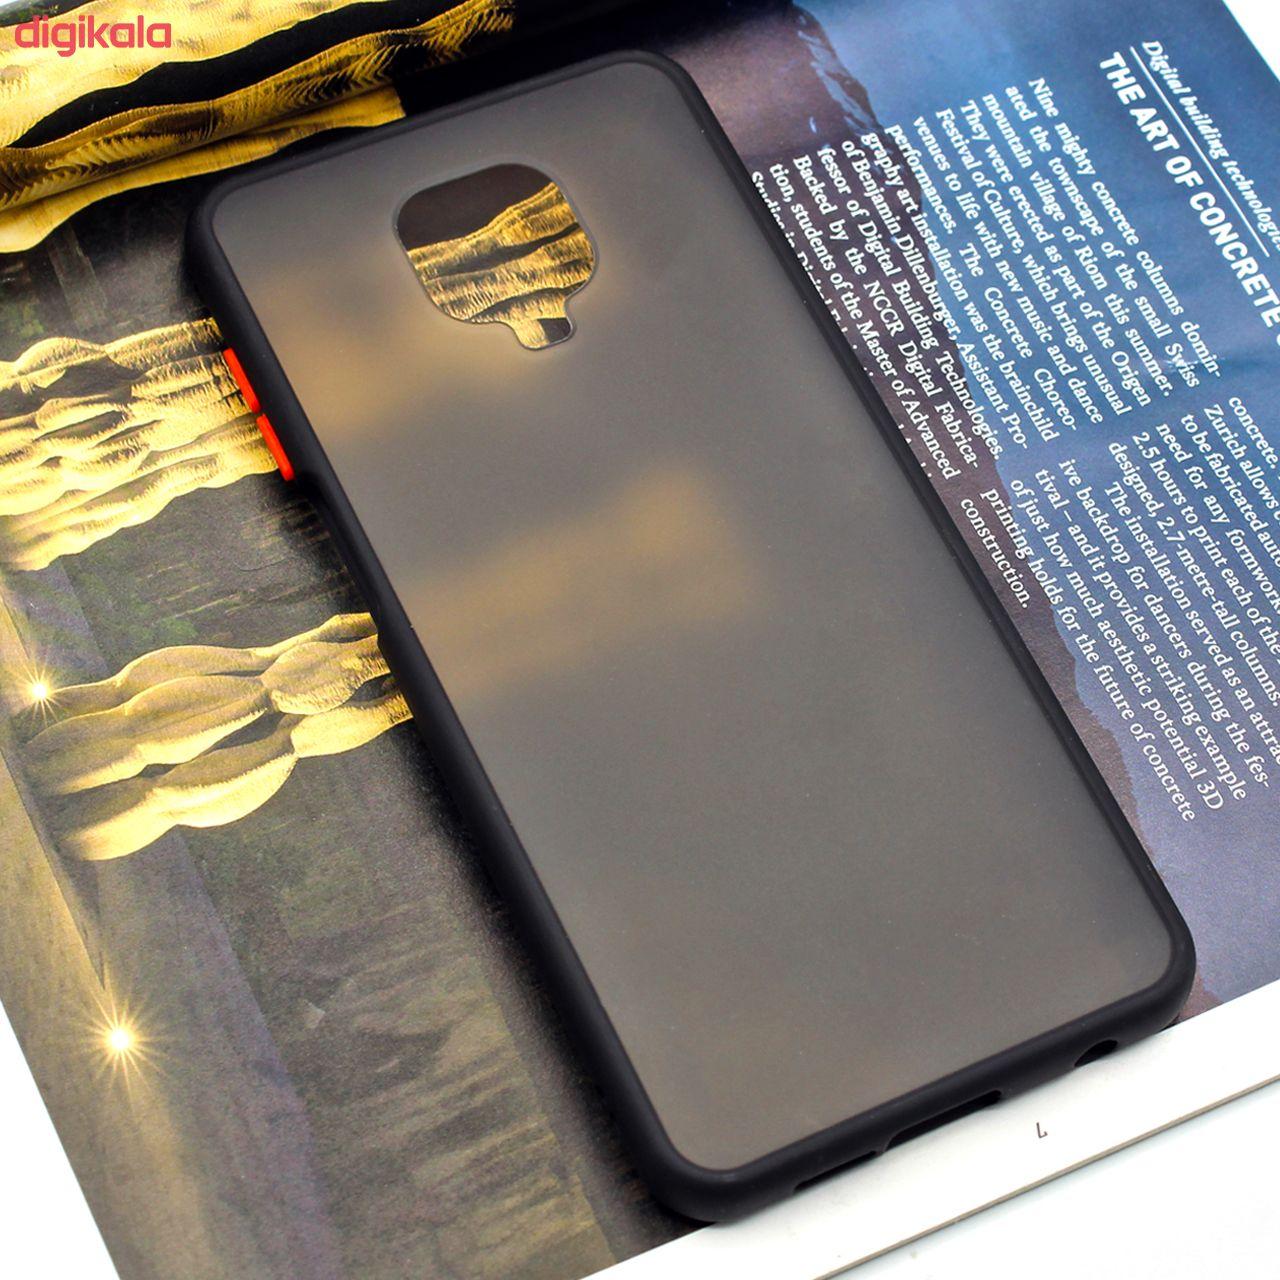 کاور لاین کینگ مدل M21 مناسب برای گوشی موبایل شیائومی Redmi Note 9S / Note 9 Pro / Note 9 Pro Max main 1 4